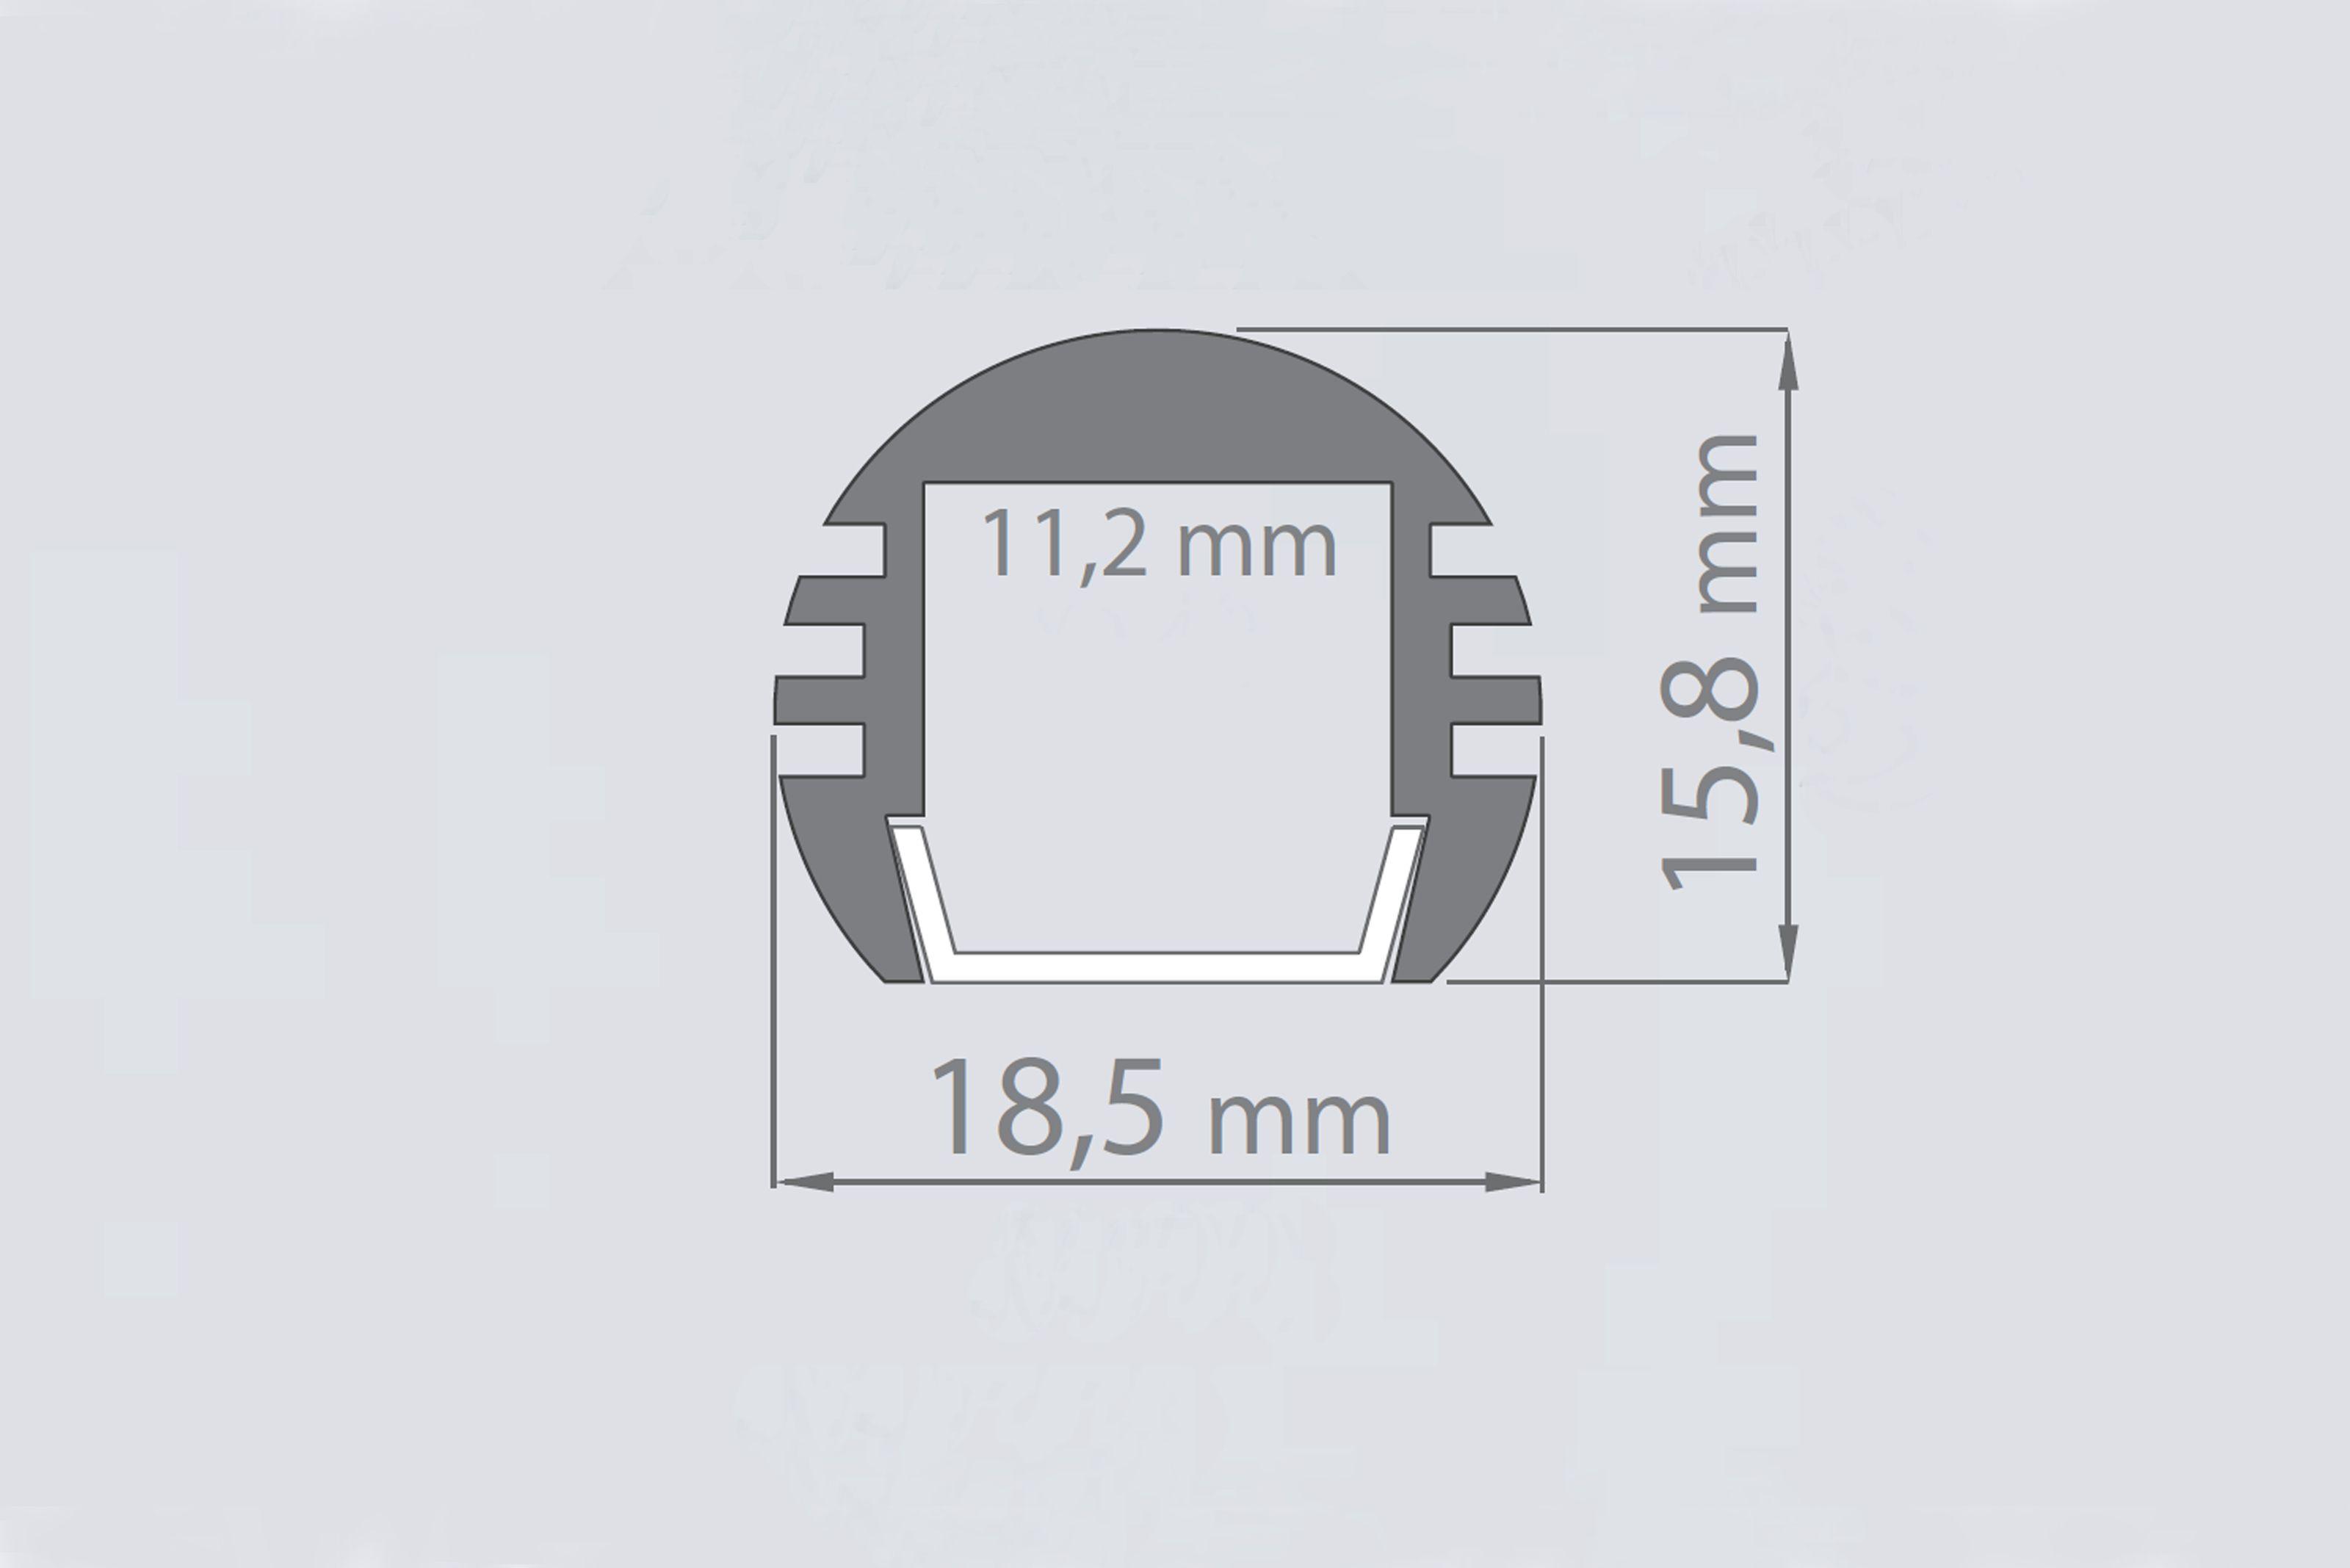 lightline-pipe-5-mj-lighting-2